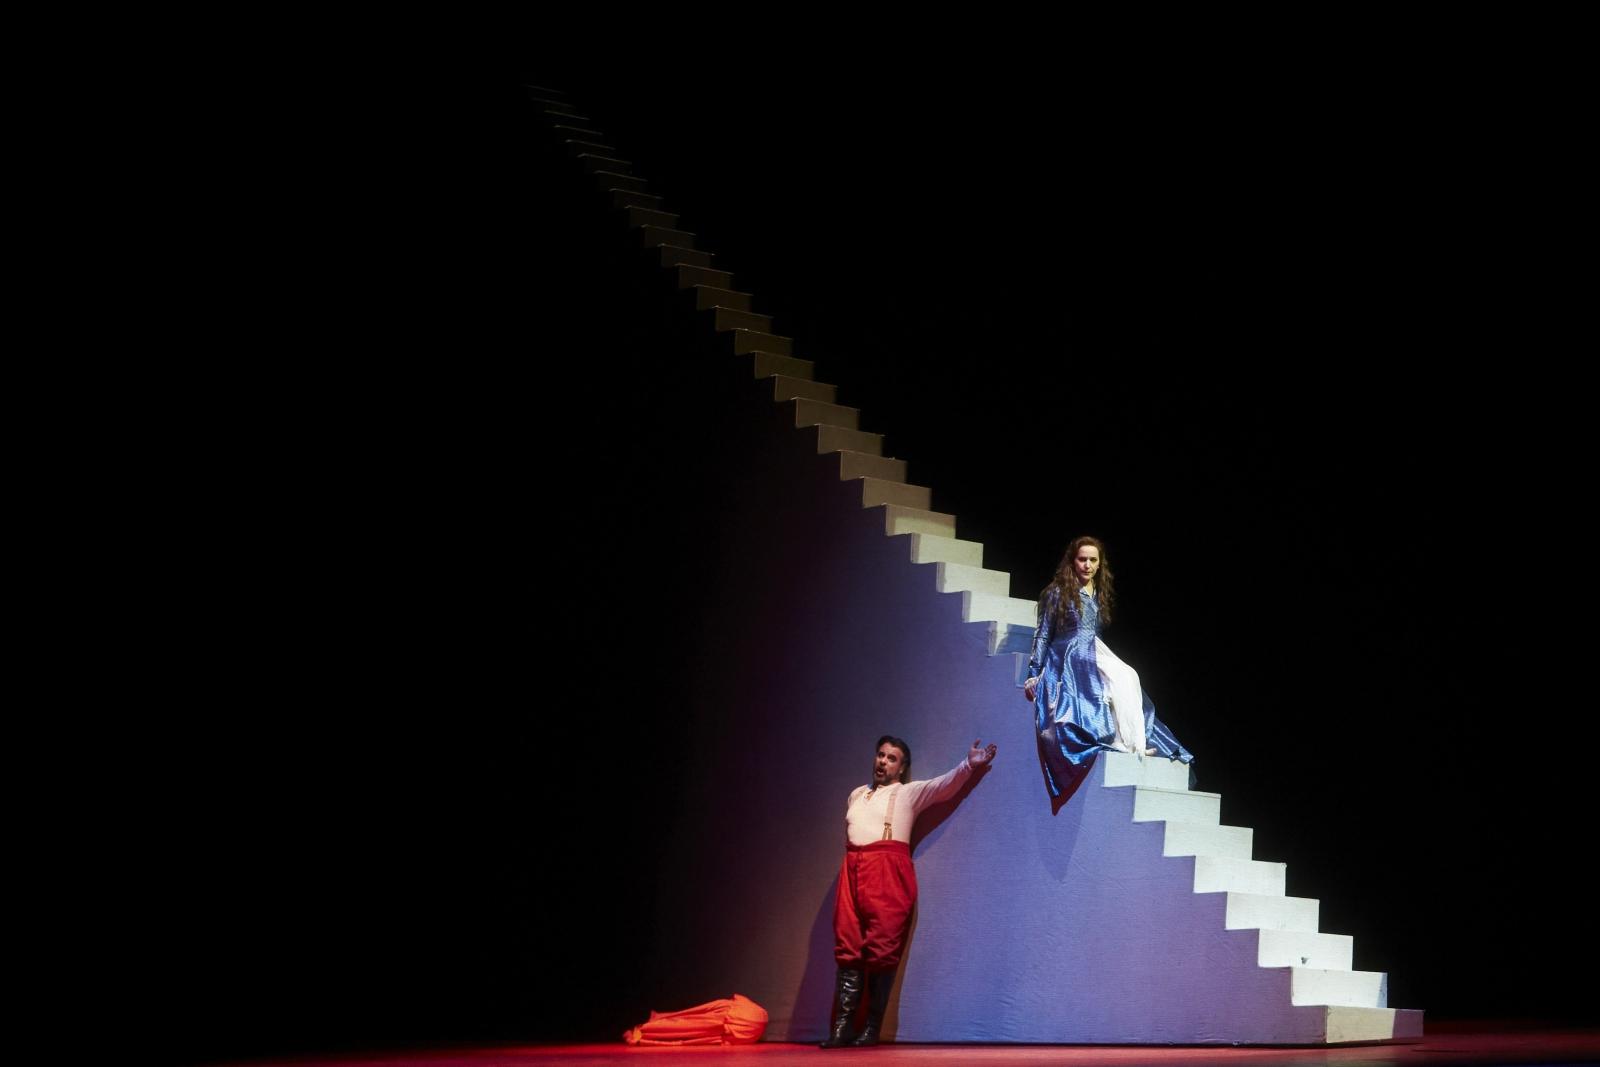 Kadr ze spektaklu Rigoletto Giuseppe Verdi'ego, Barcelona, Hiszpania.